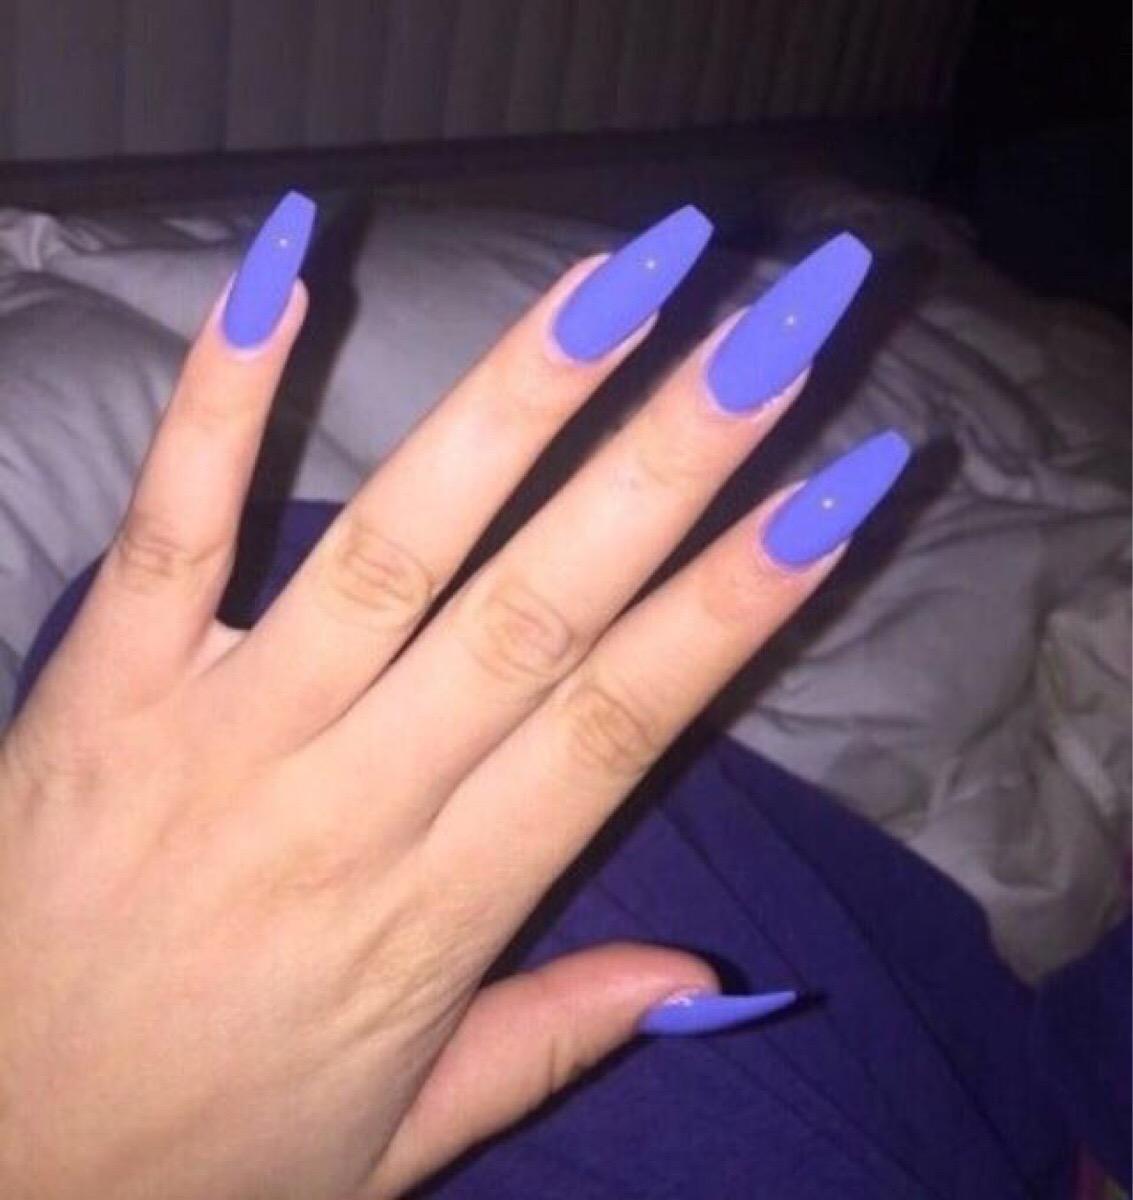 kennt ihr einen hnlichen nagellack wie auf dem bild n gel geln gel lila. Black Bedroom Furniture Sets. Home Design Ideas